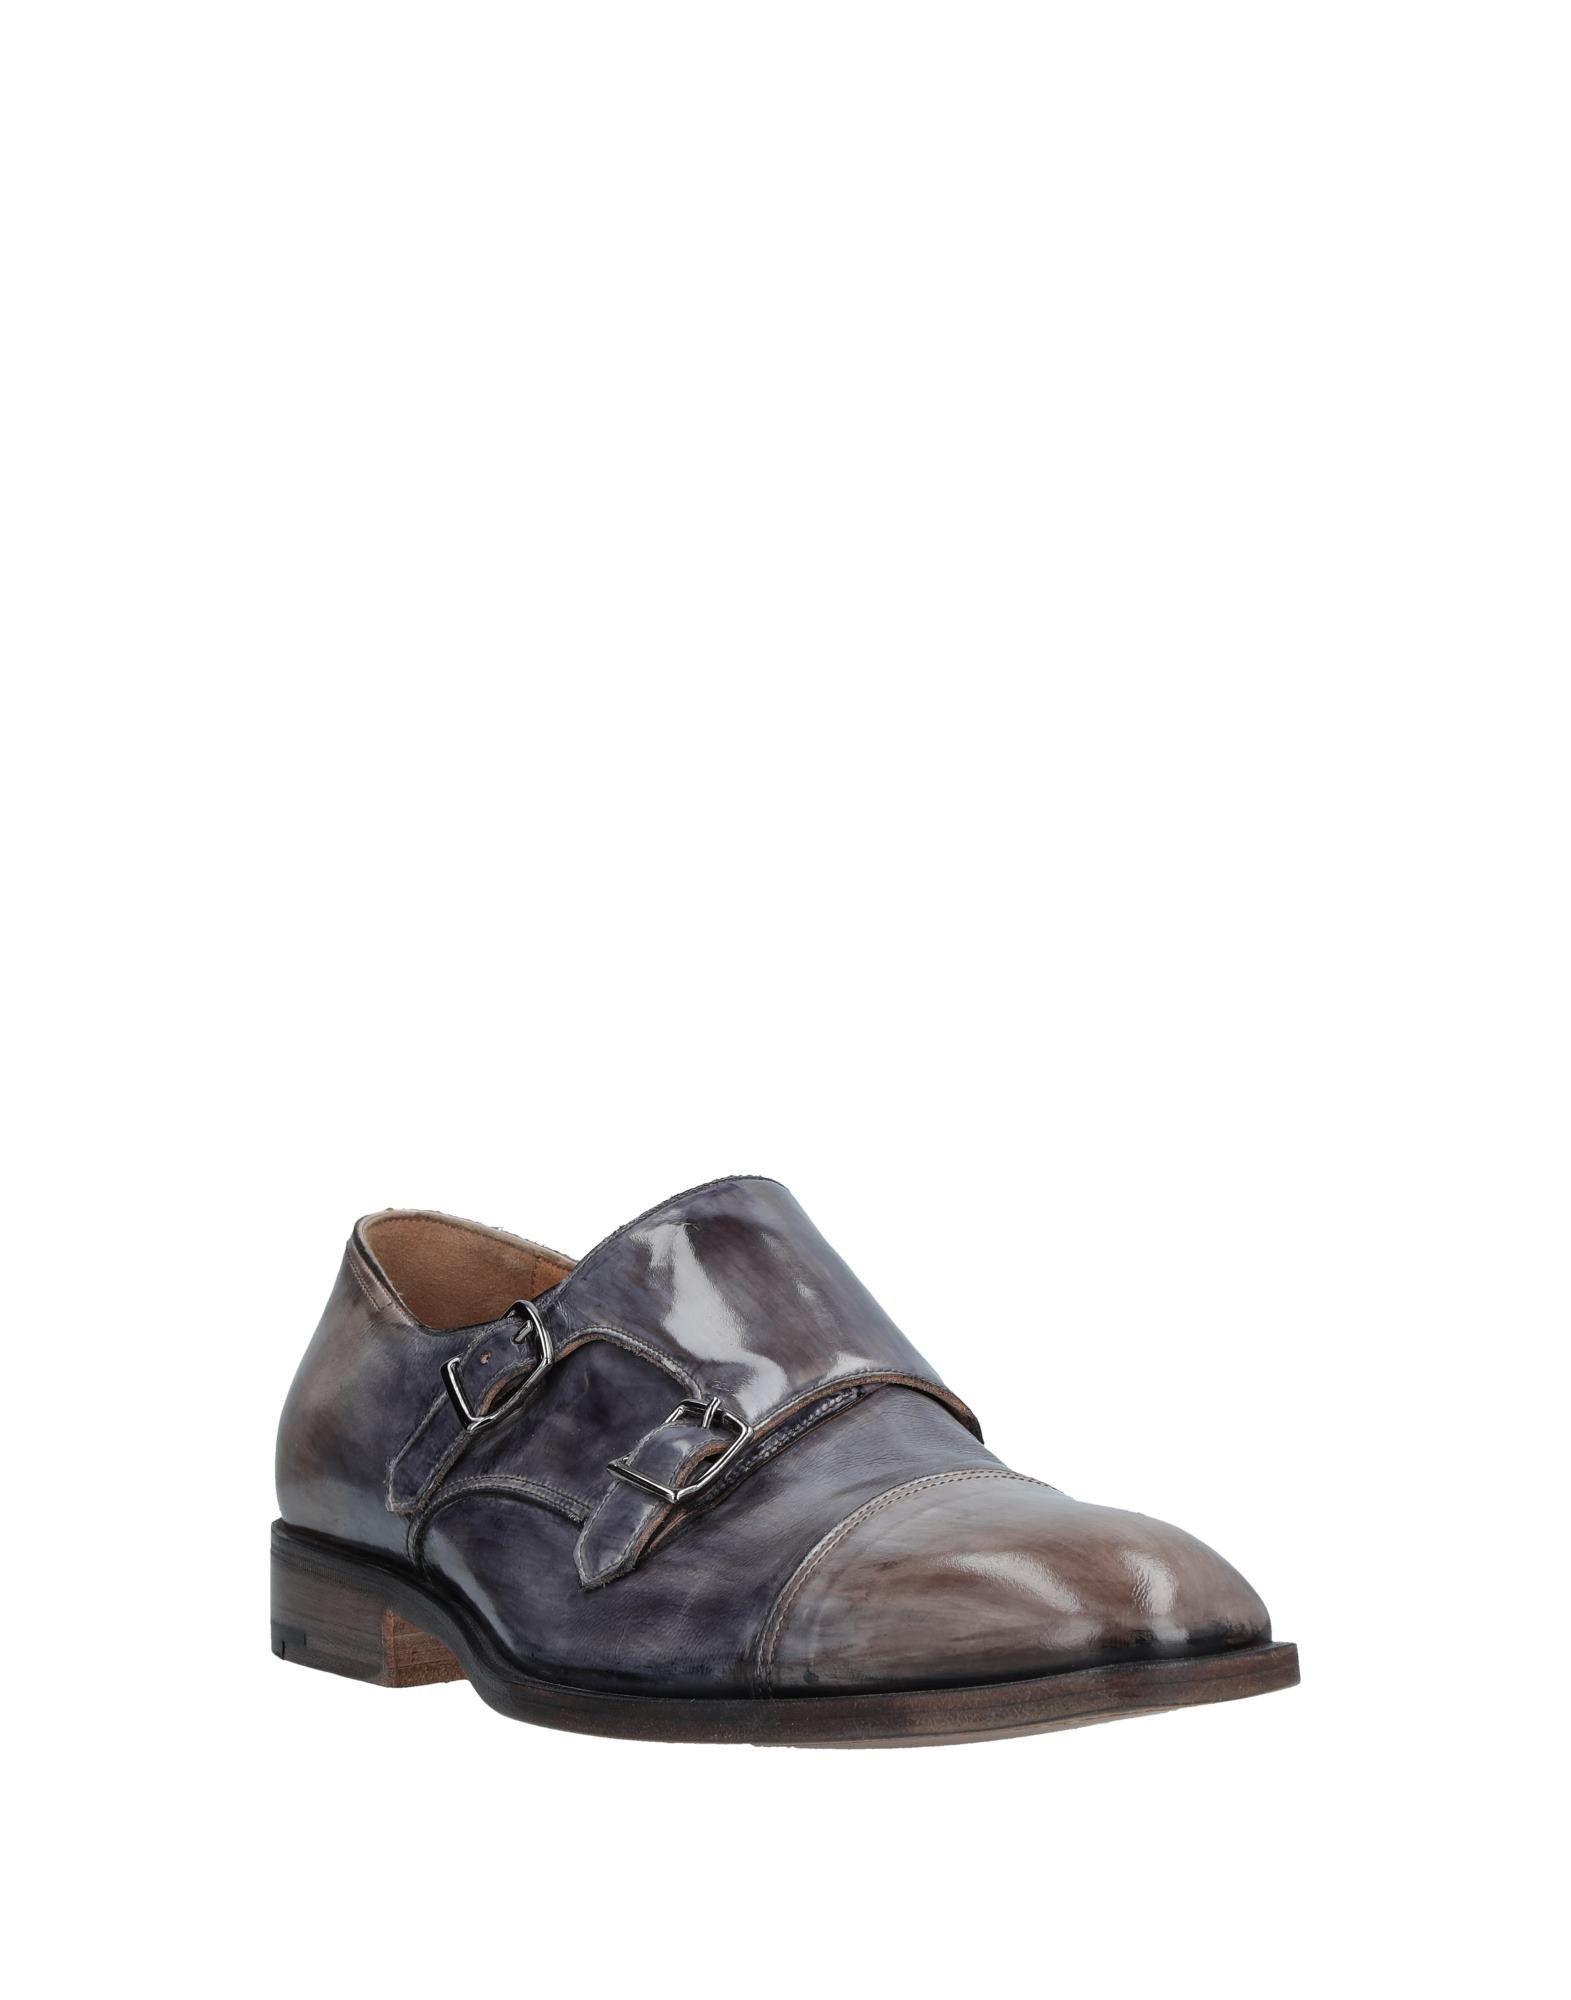 Premiata Mokassins Herren  11531178EF Gute Qualität beliebte Schuhe